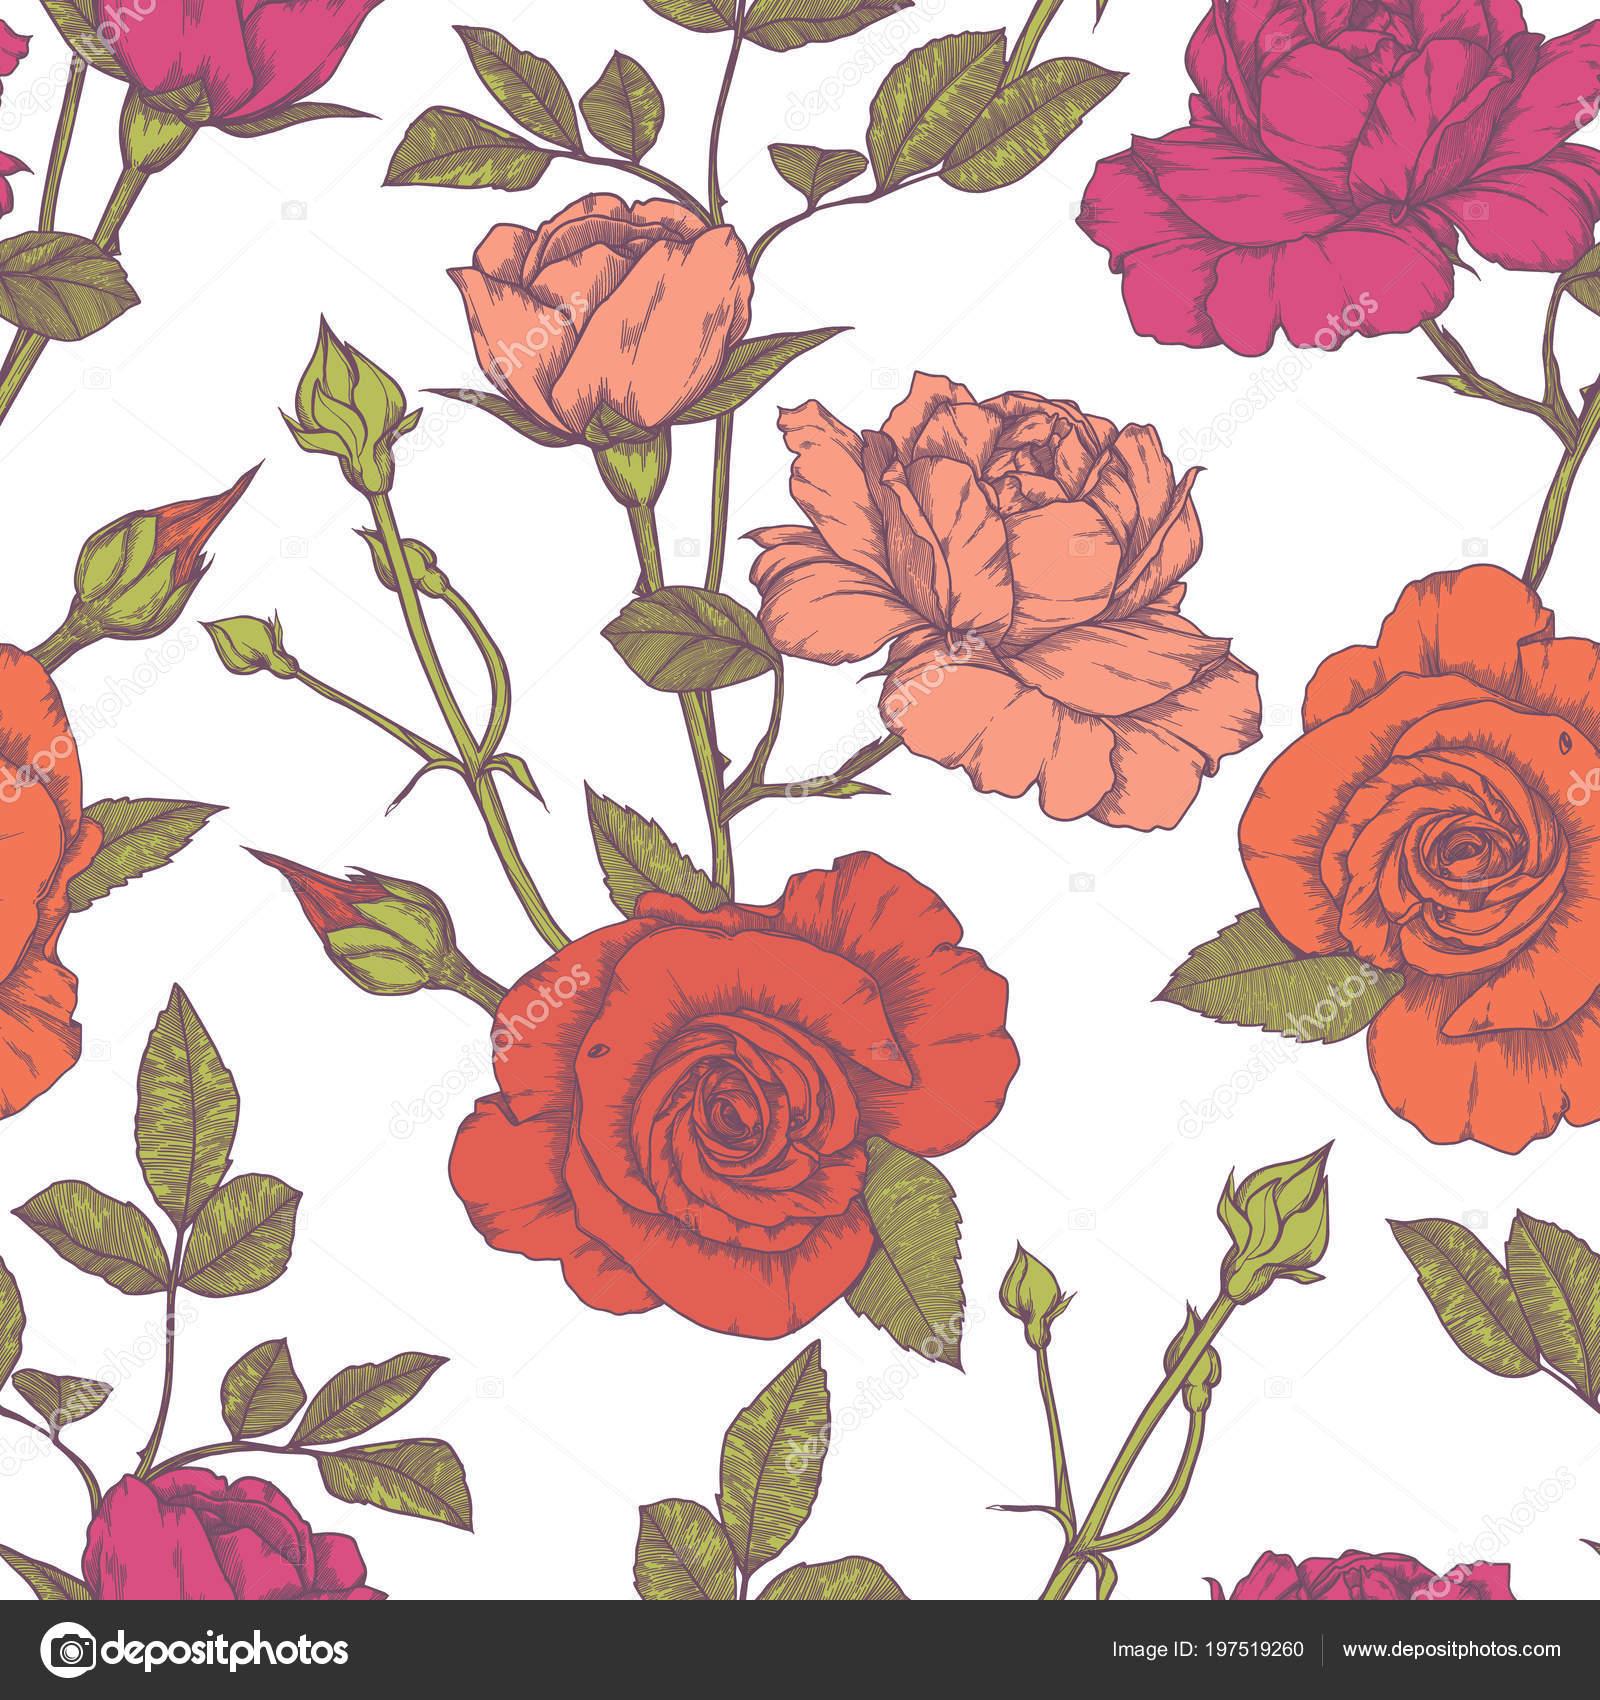 Patron Transparente Con Diseno De Rosas Vintage Vector De Stock - Diseos-de-rosas